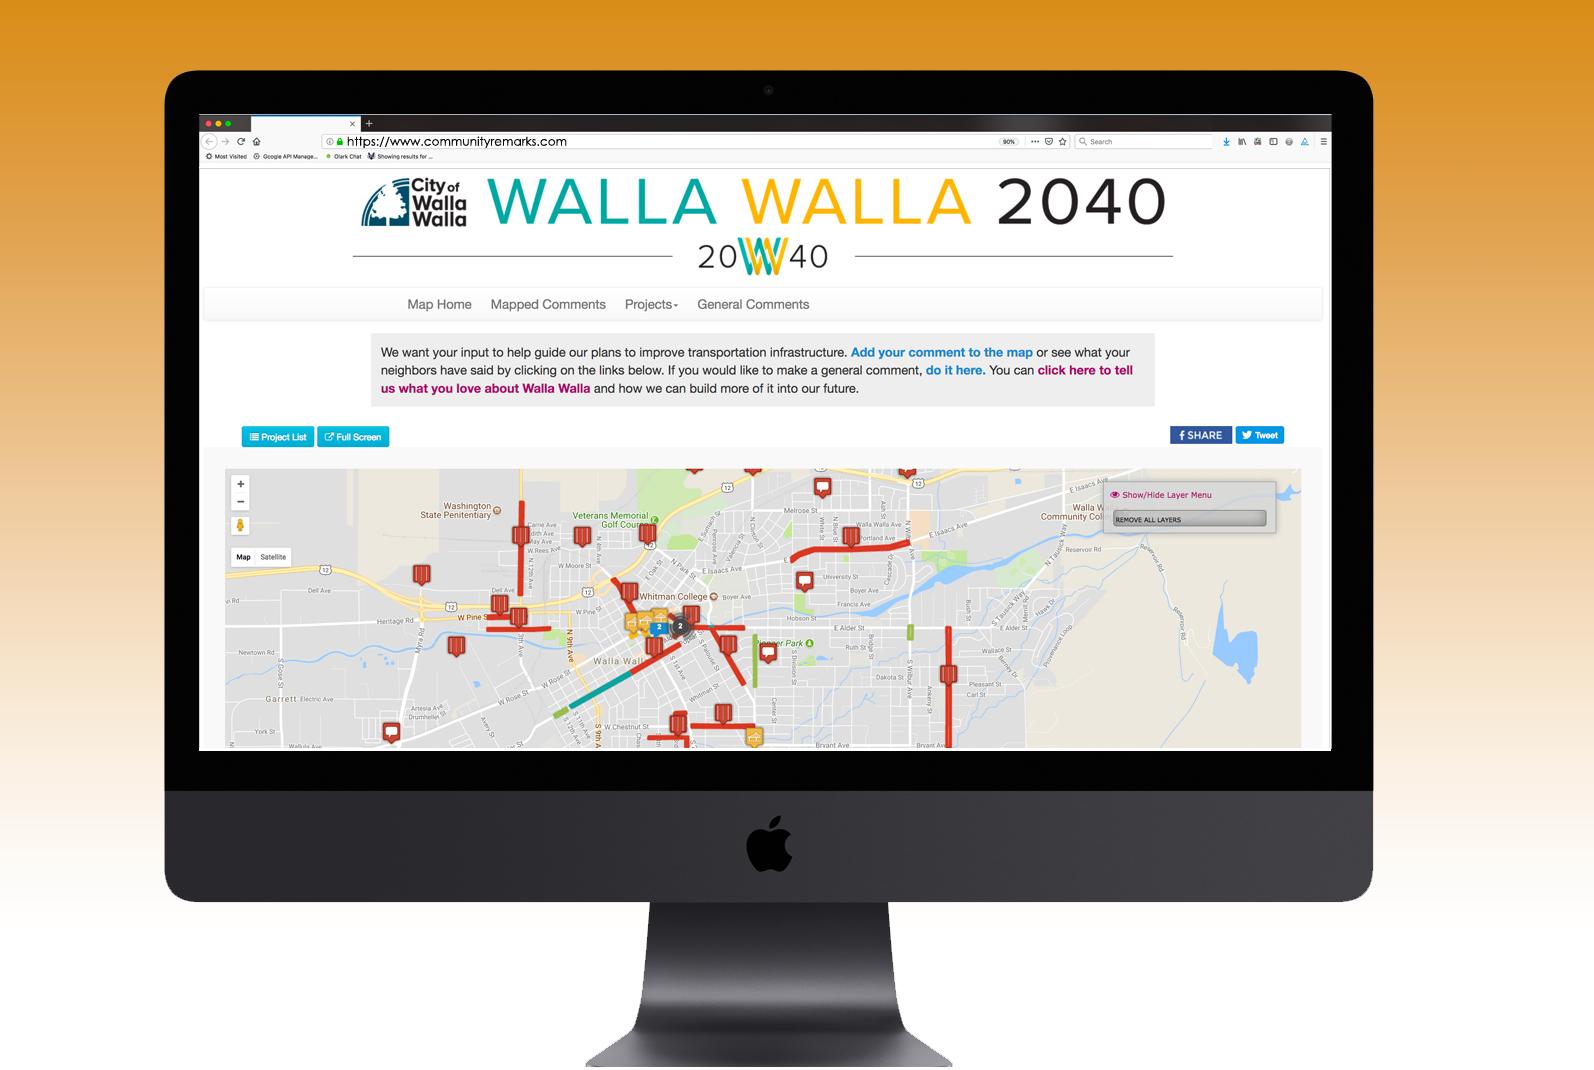 Walla Walla 2040